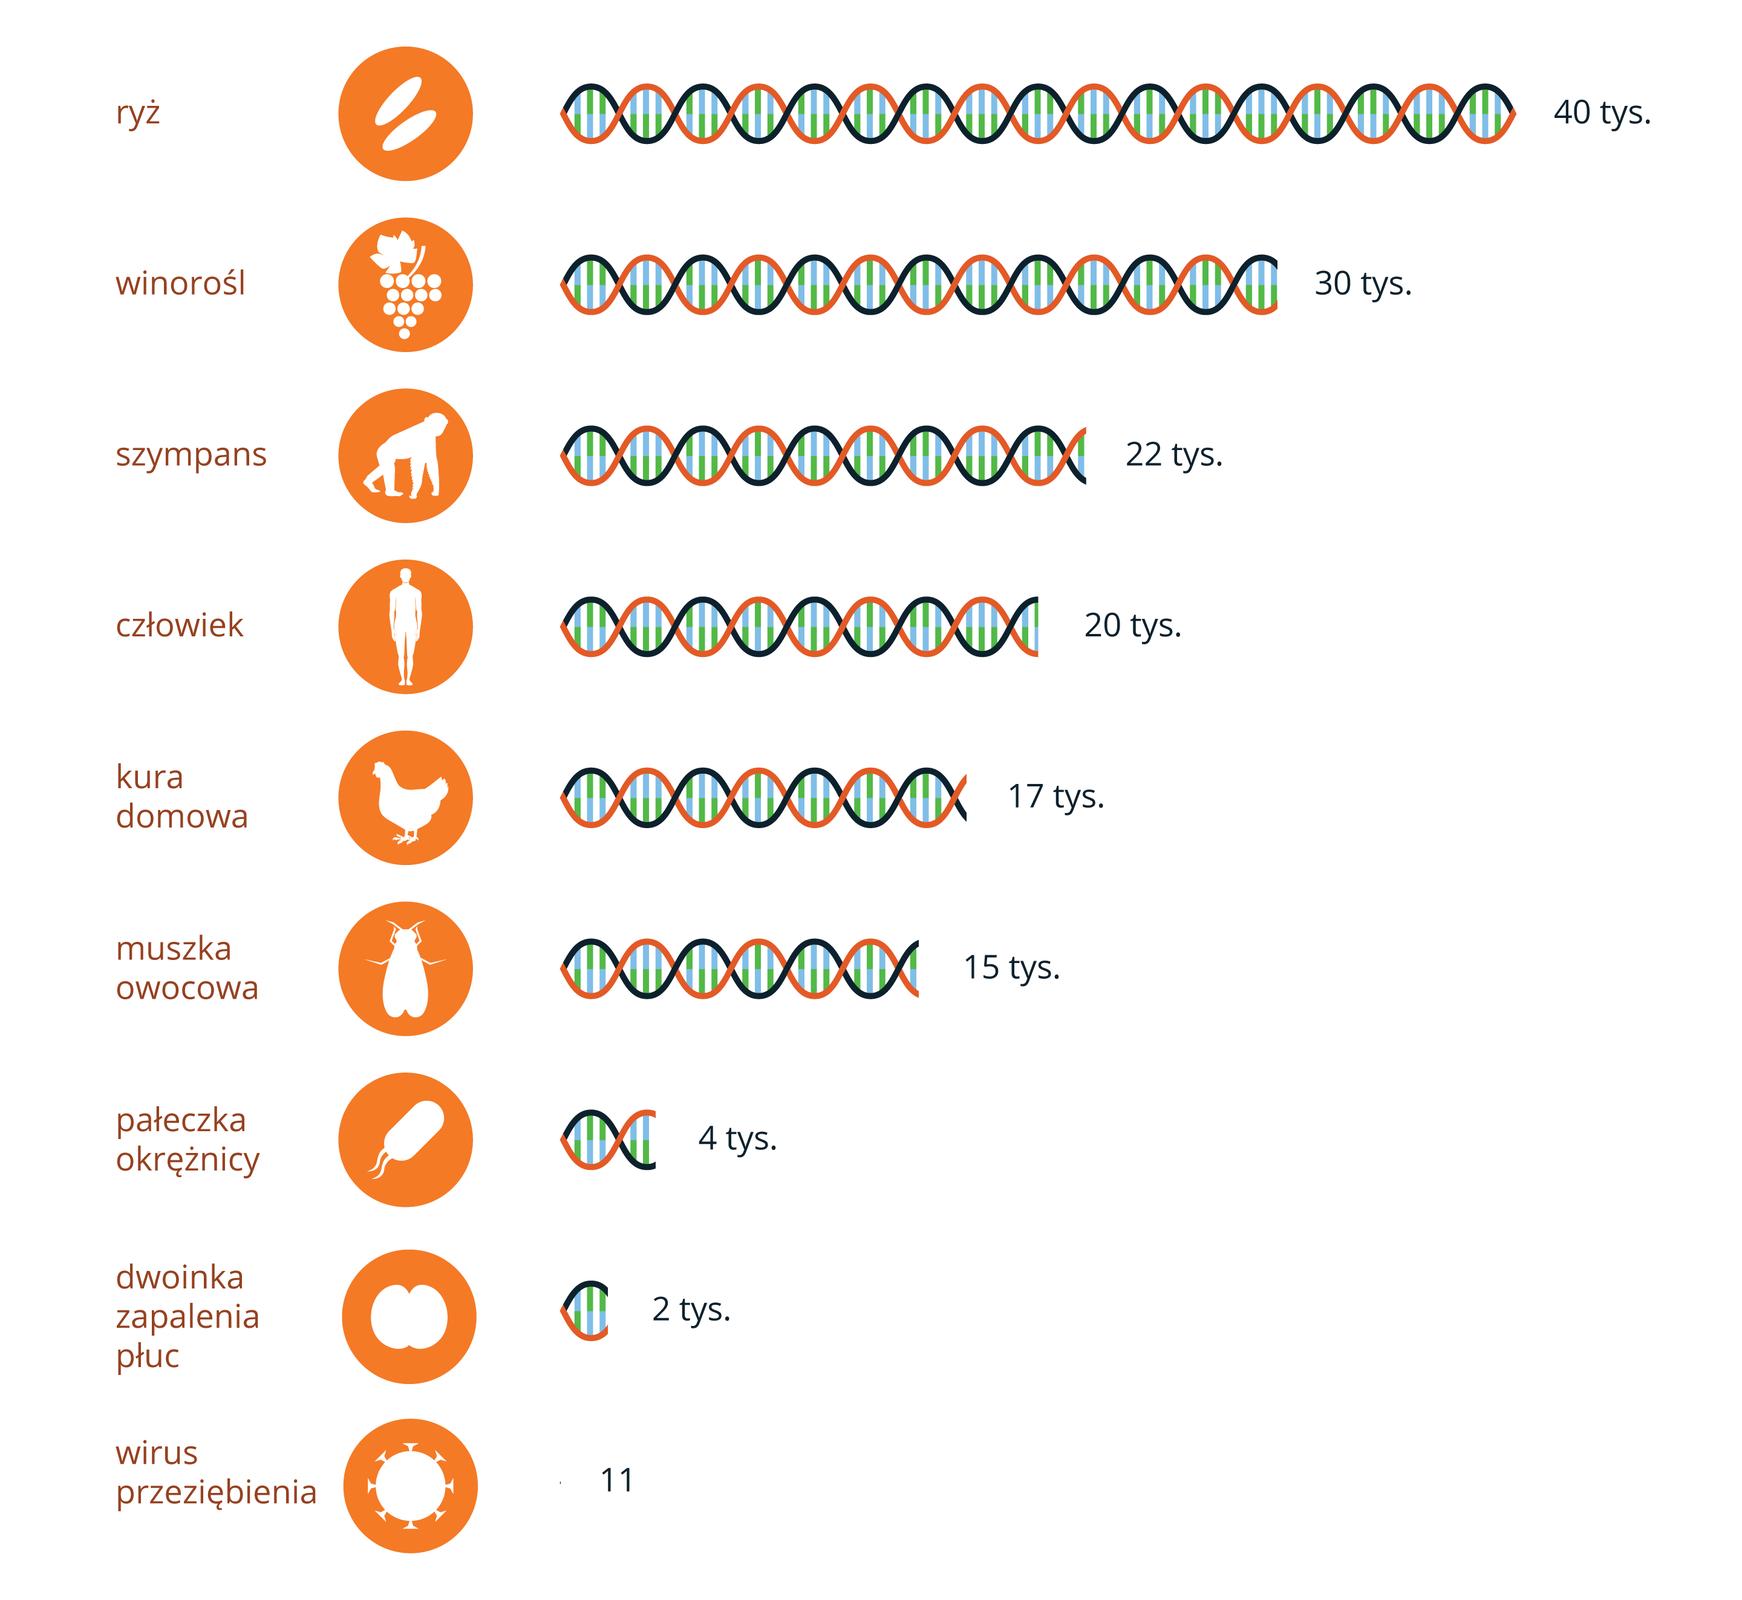 Ilustracja przedstawia schematycznie liczbę genów wDNA różnychorganizmów. DNA ma postać zielono – pomarańczowej skręconej nici. Przy niej liczba, oznaczająca ilość genów. Zprawej pomarańczowe kółka zbiałą sylwetką organizmu. Od góry ryż, 40000 genów. Dalej winorośl, 30000. Niżej szympans, 22000 iczłowiek 20000 genów. Kura ma 17000, amuszka owocowa 15000 genów. Pałeczka okrężnicy ma 4000, wirus grypy 2000 genów. Najmniej ma dwoinka zapalenia płuc, tylko 11 genów.